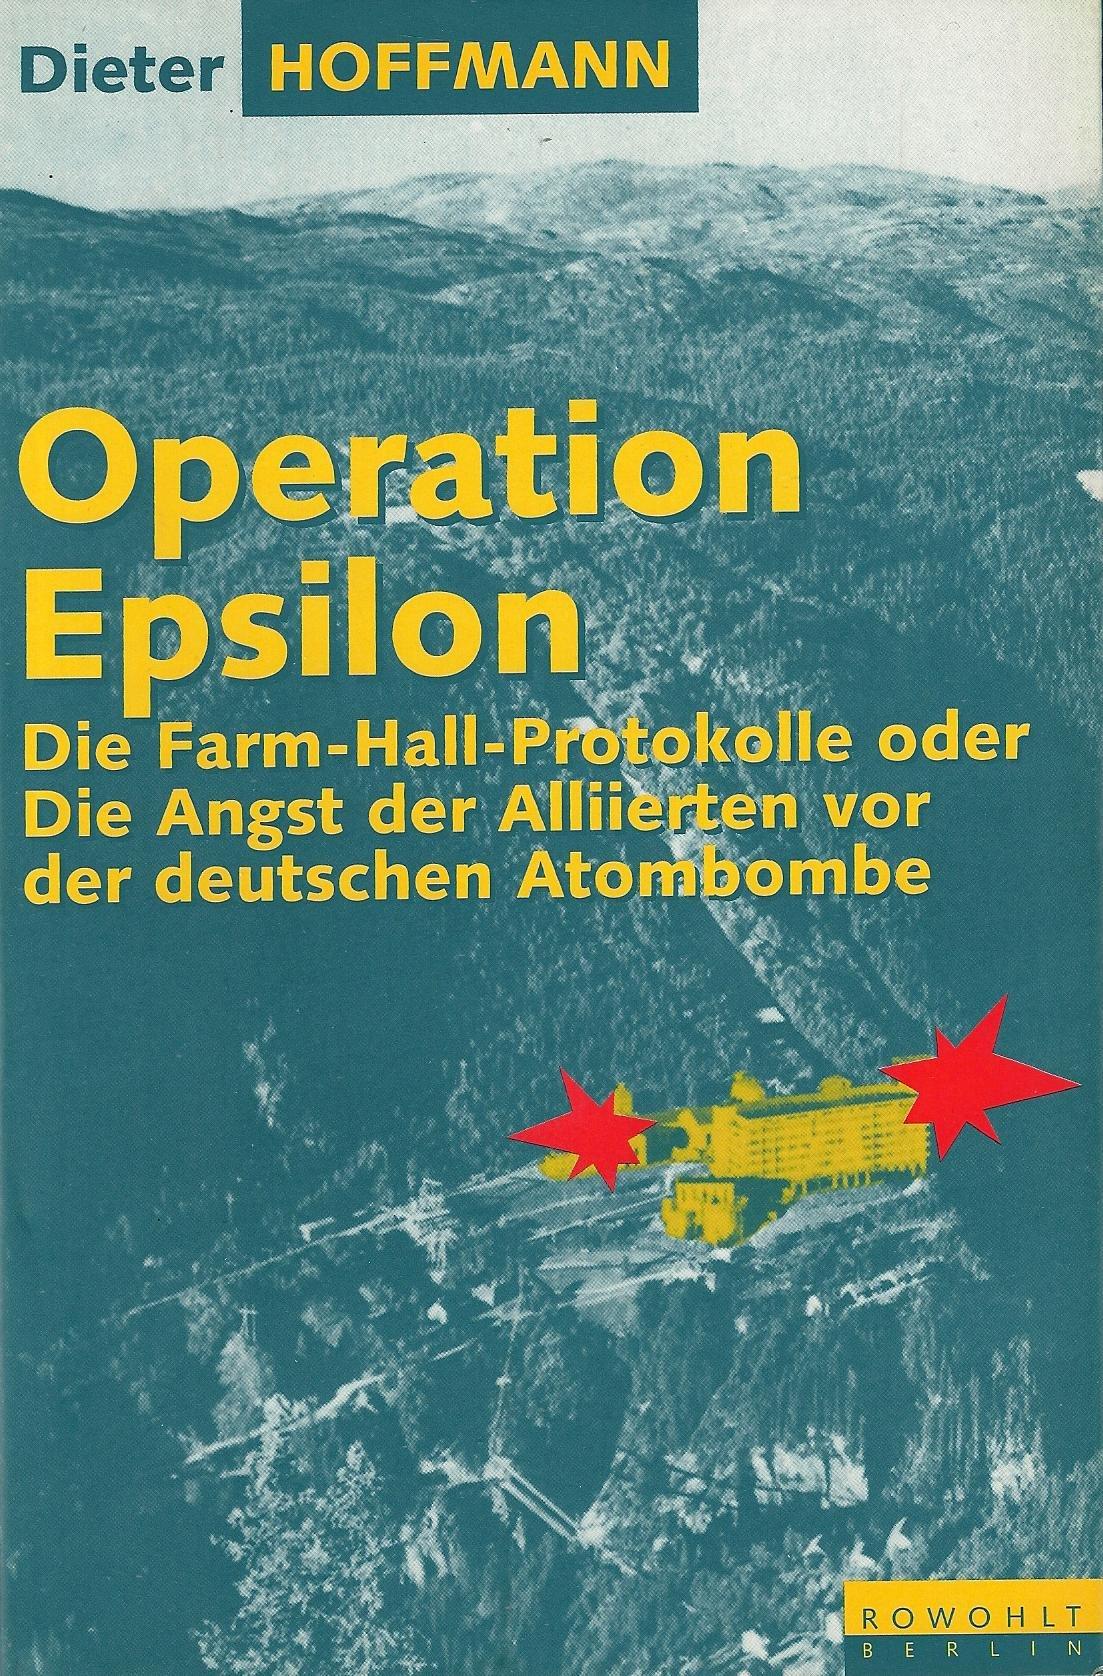 Operation Epsilon. Die Farm-Hall-Protokolle oder Die Angst der Alliierten vor der deutschen Atombombe Gebundenes Buch – 1993 Dieter Hoffmann Rowohlt 3871340820